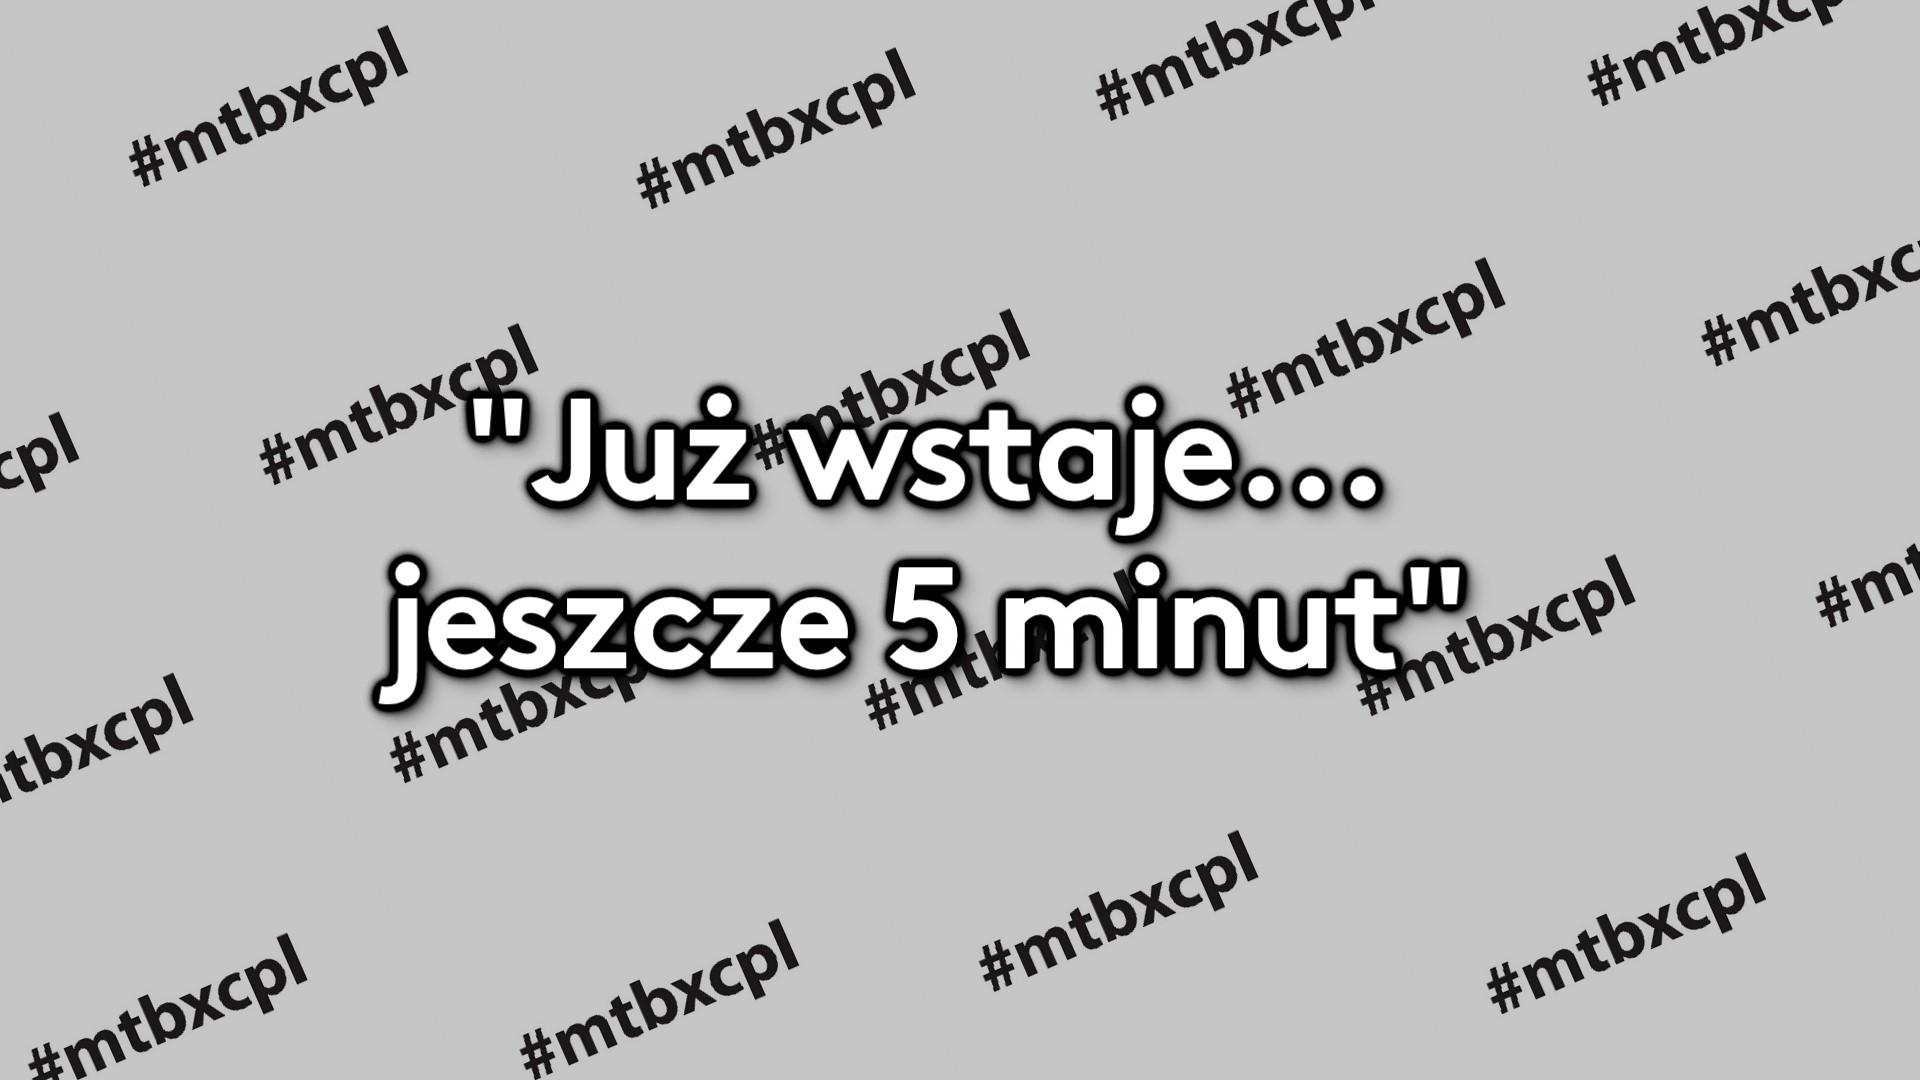 tekst mtbxcpl_000001